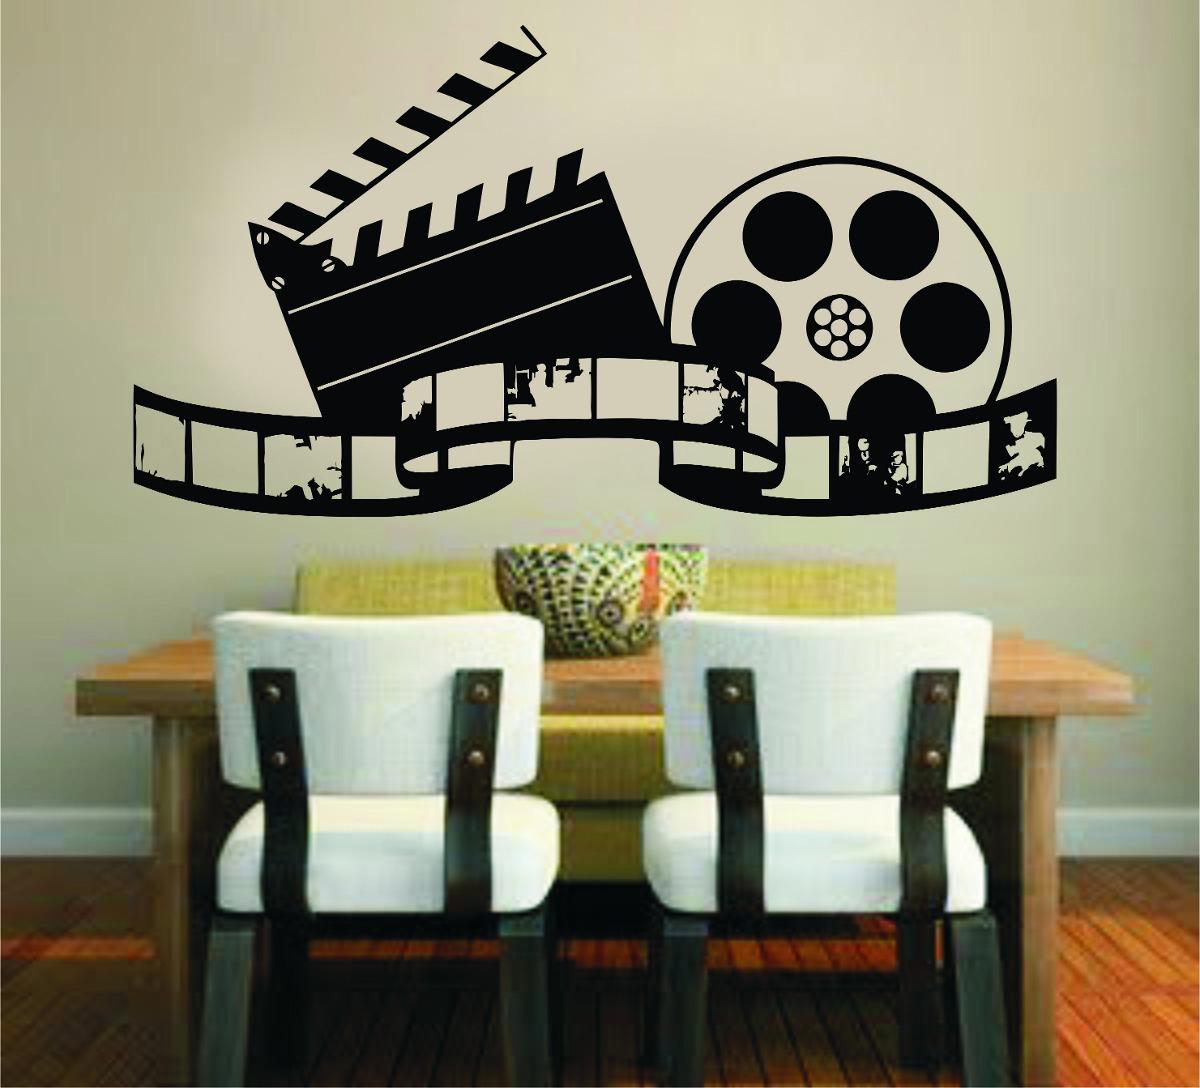 Adesivo Parede Sala Quarto Filme Cinema Claquete Foto R 29 99 Em  -> Arte Parede Sala